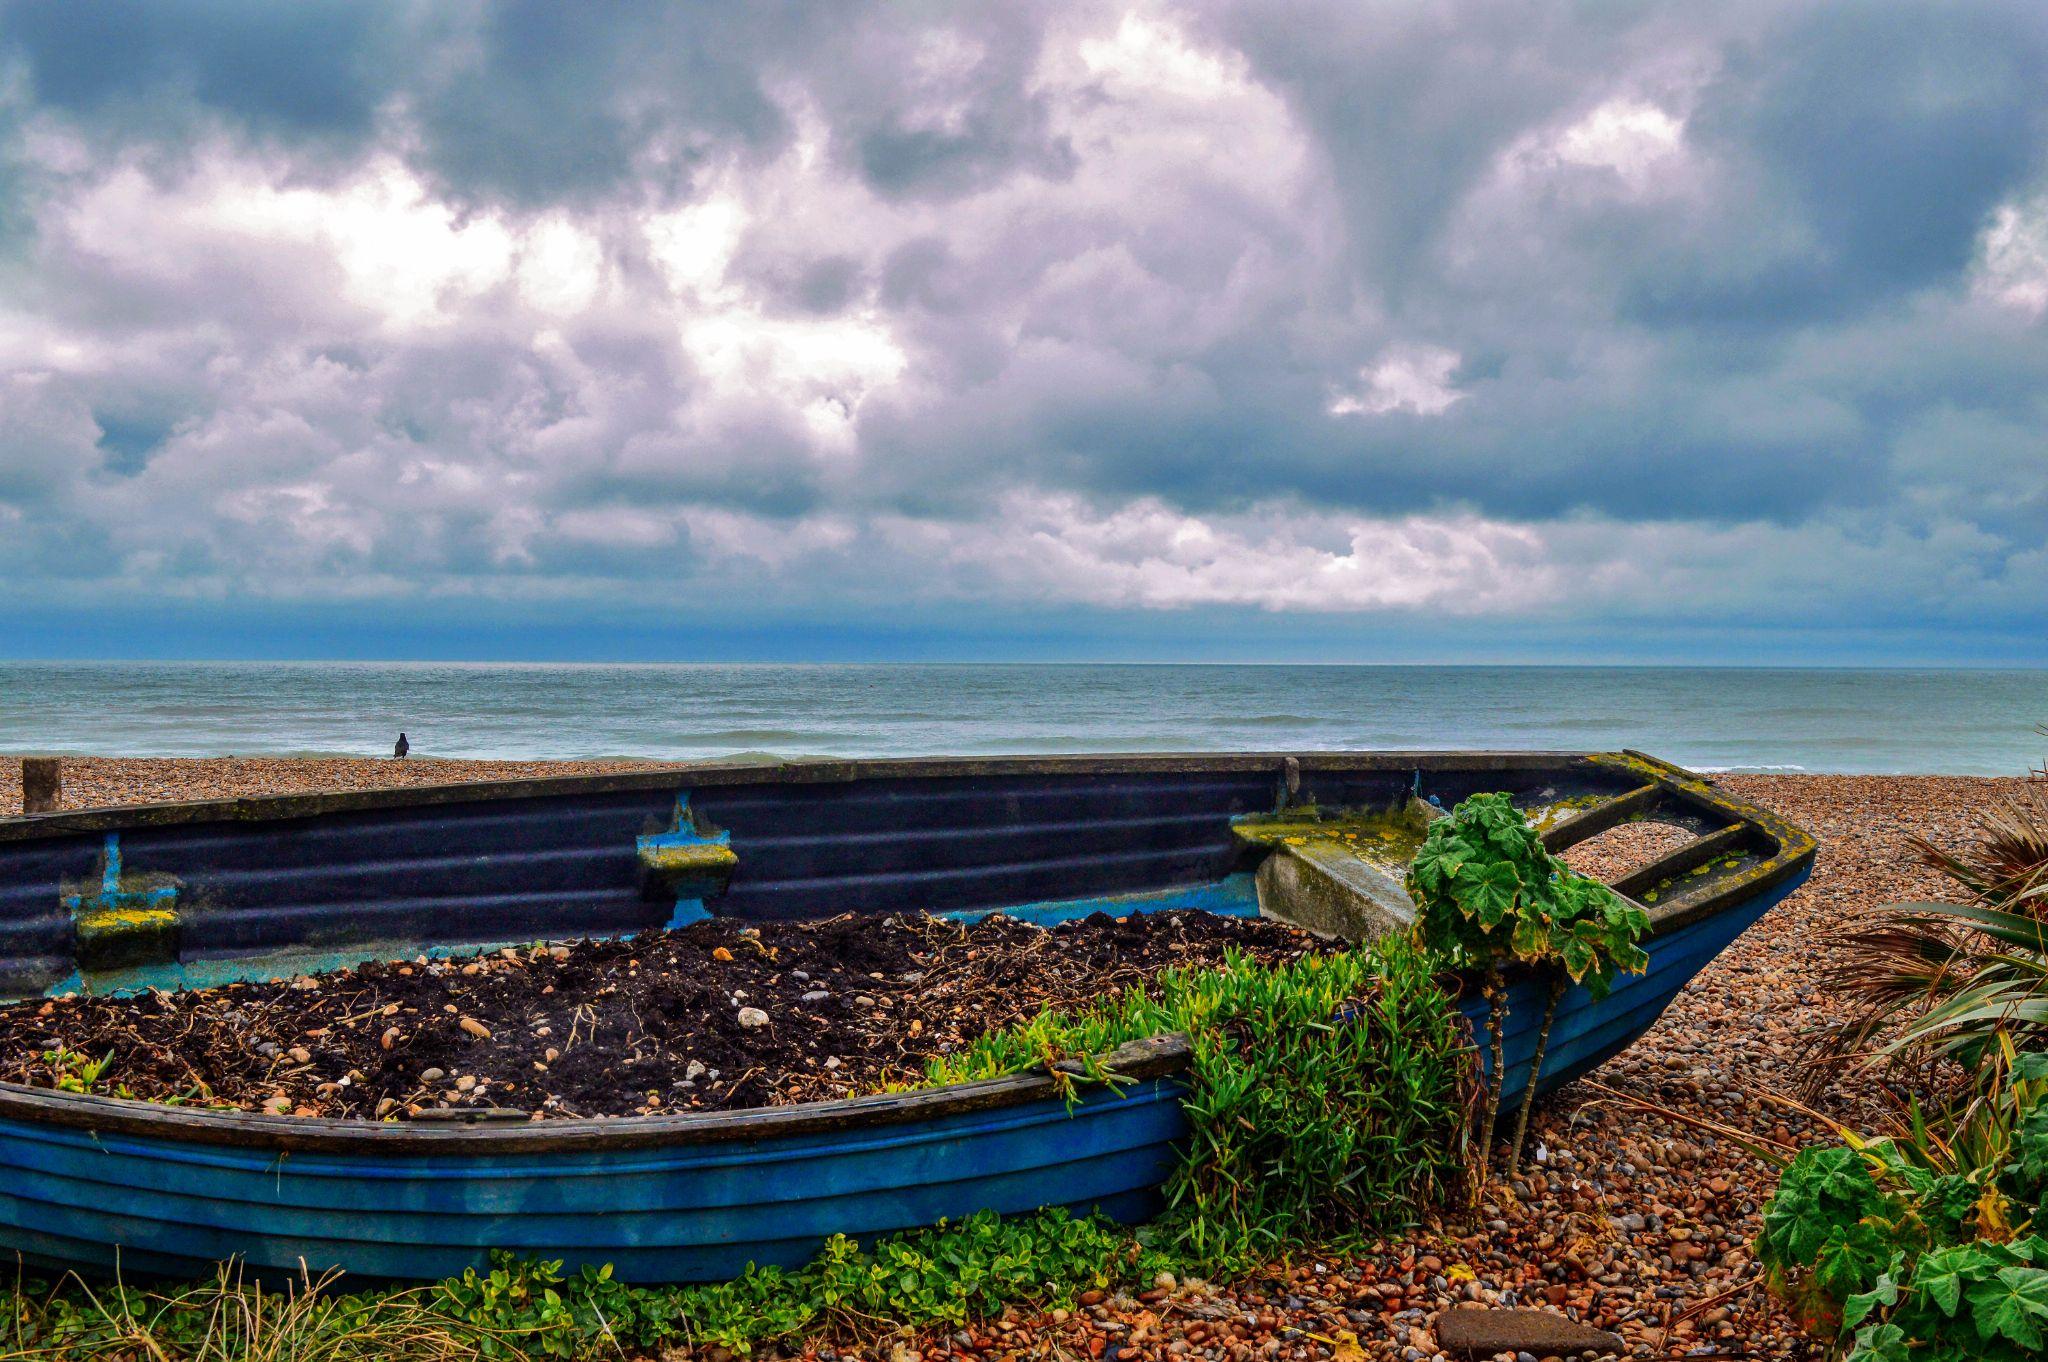 A Sandy Frontier by Zoe Birkbeck